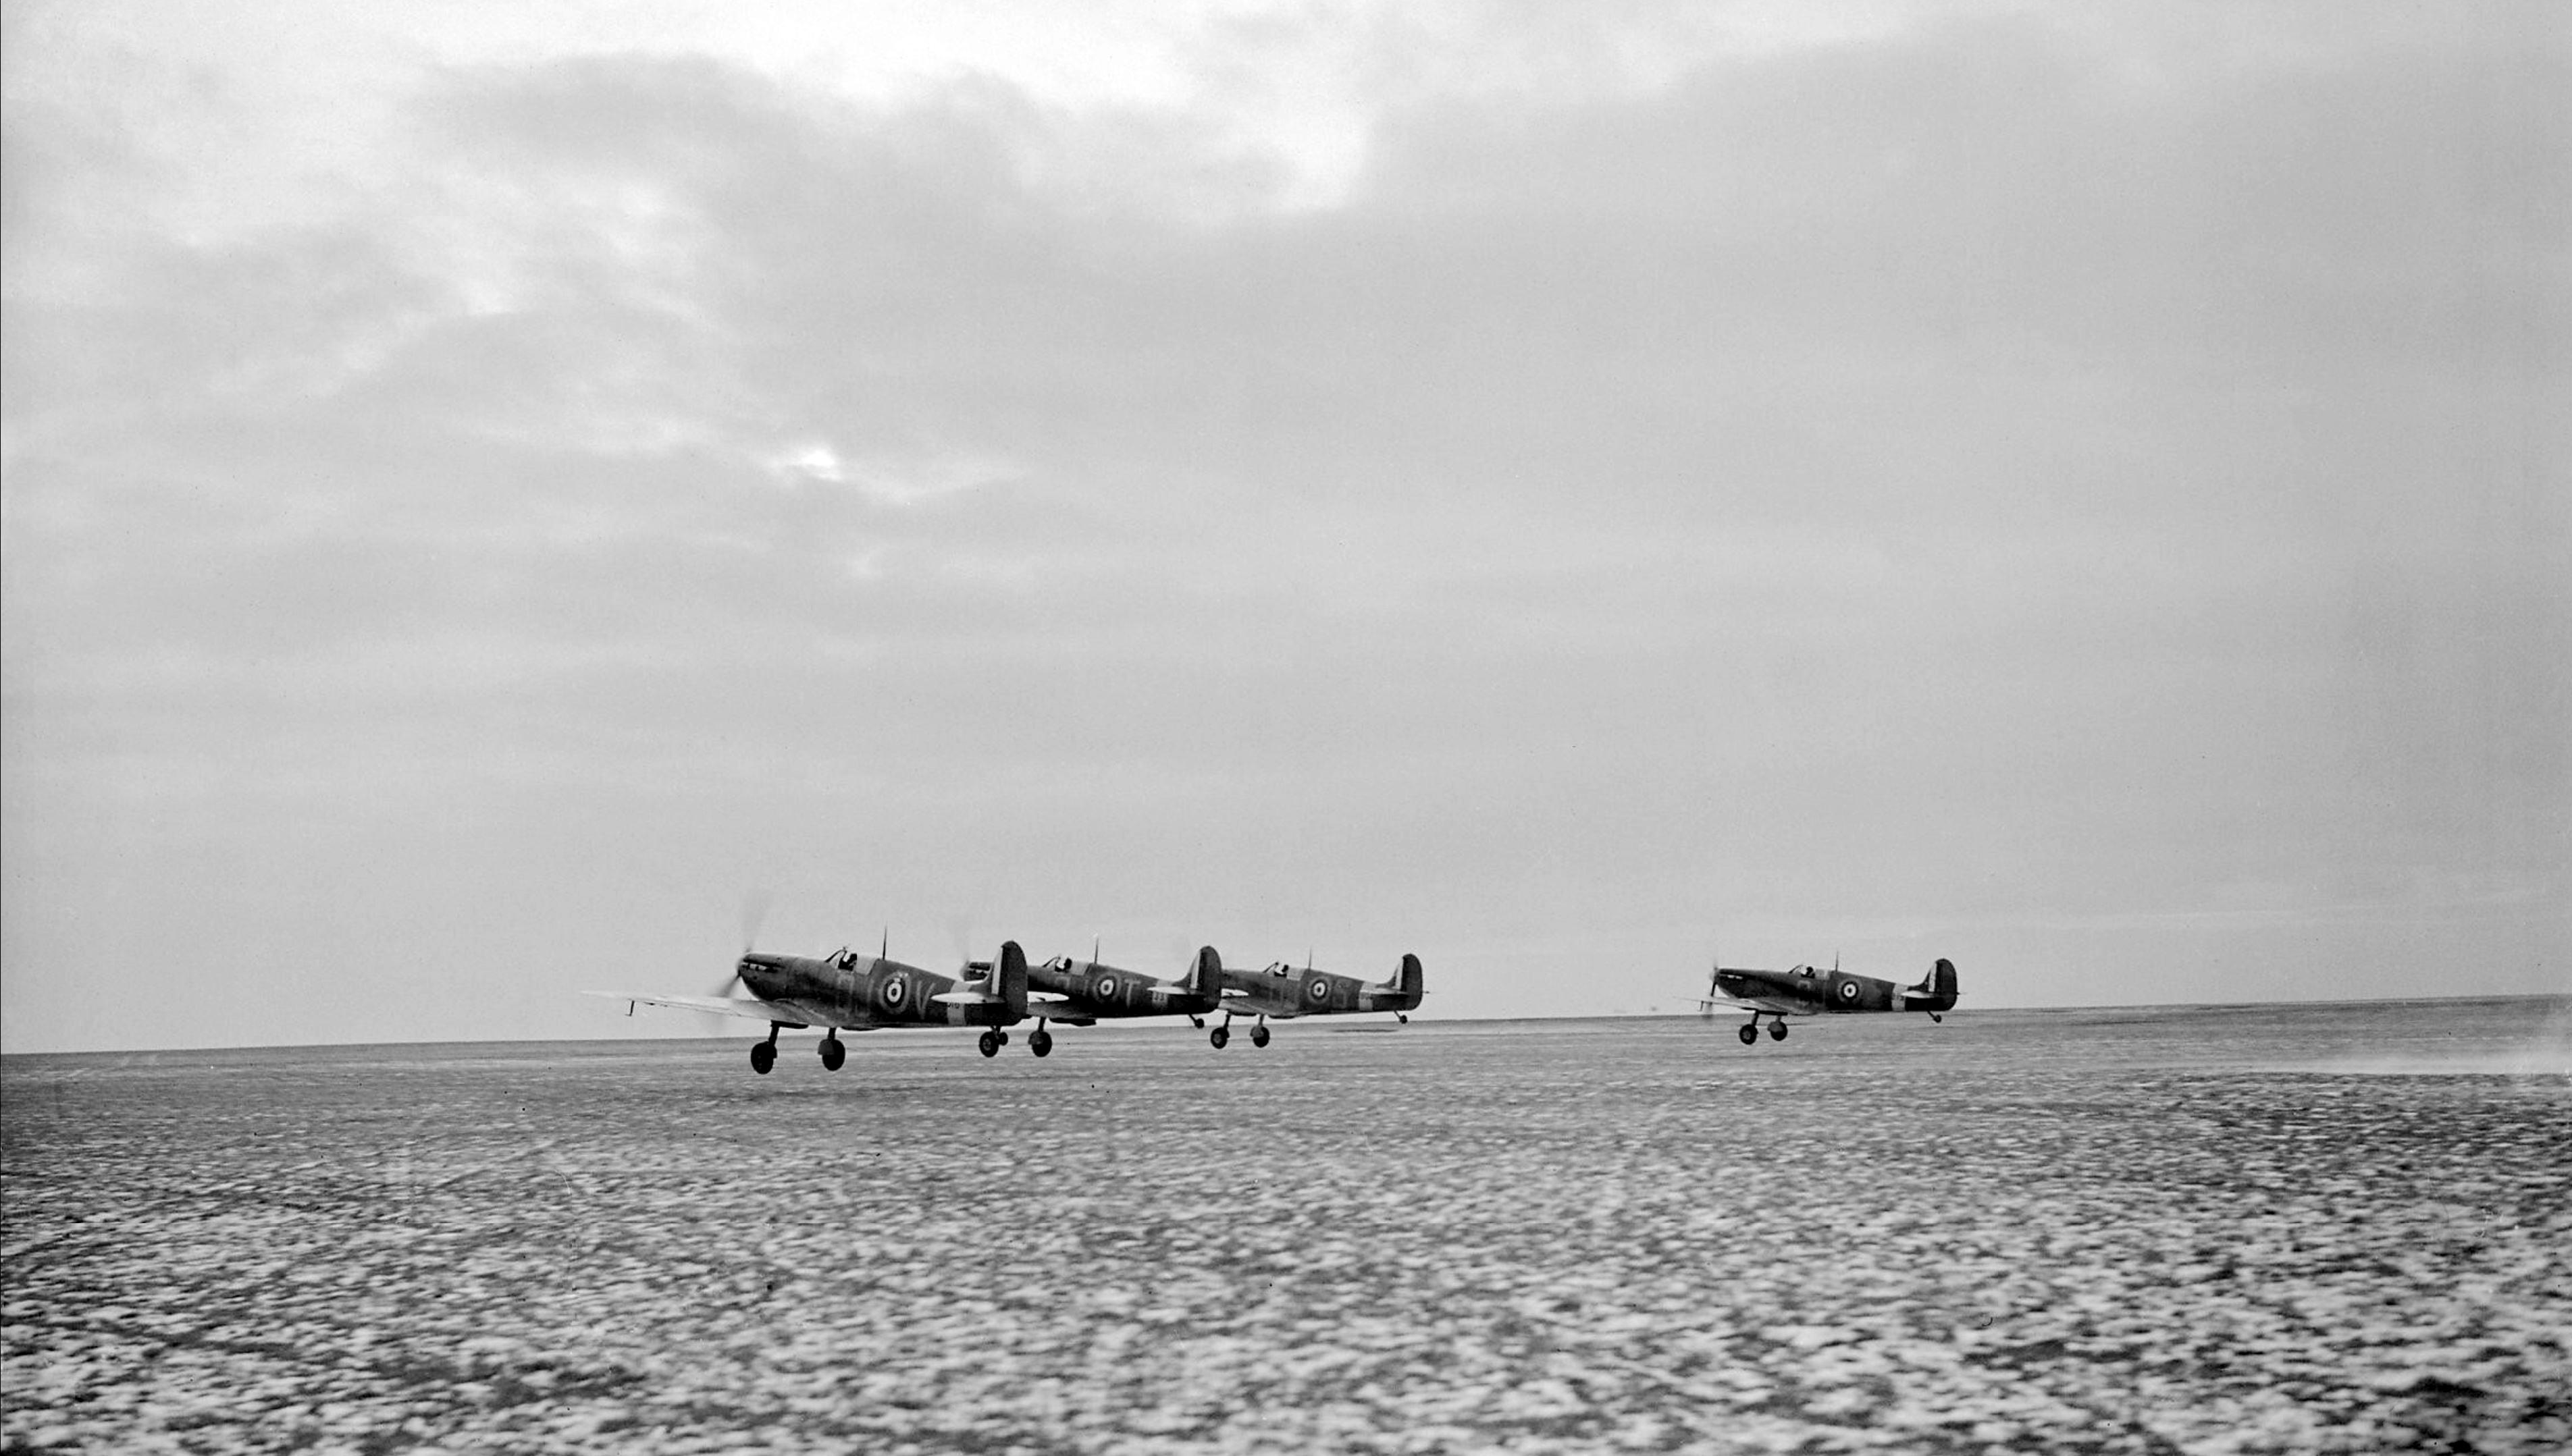 Spitfire Ia RAF 92Sqn QJV QJT QJS QJ taking off from Manston Kent IWM CH2537a